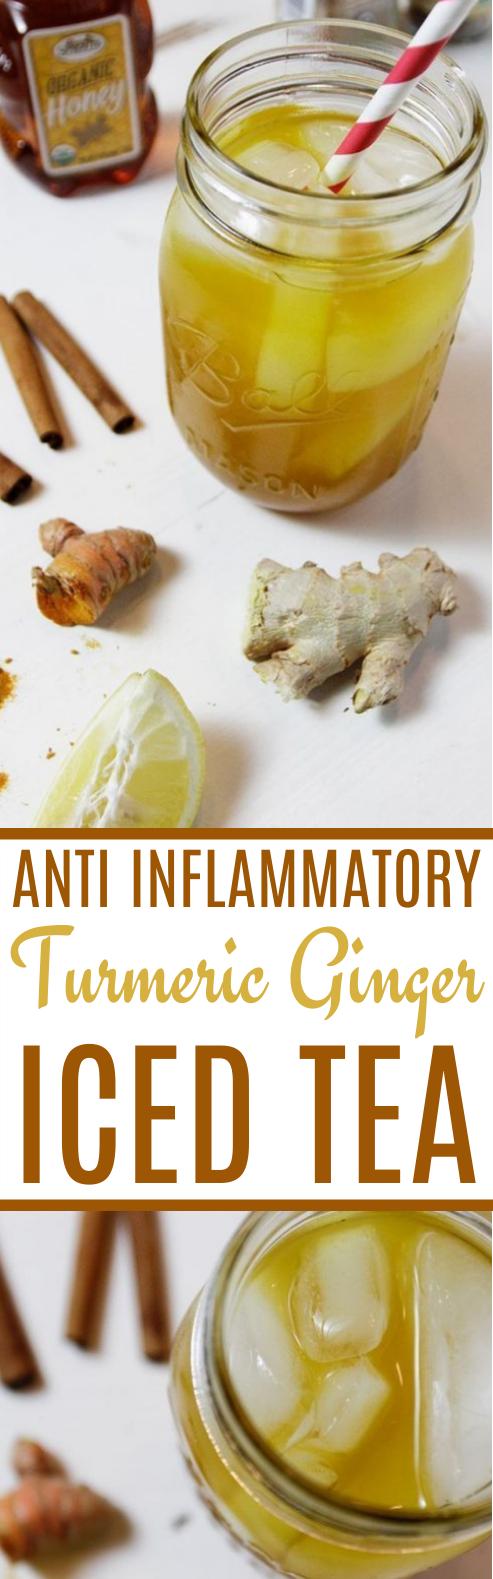 Turmeric Ginger Iced Tea #healthy #drinks #iced #tea #detox